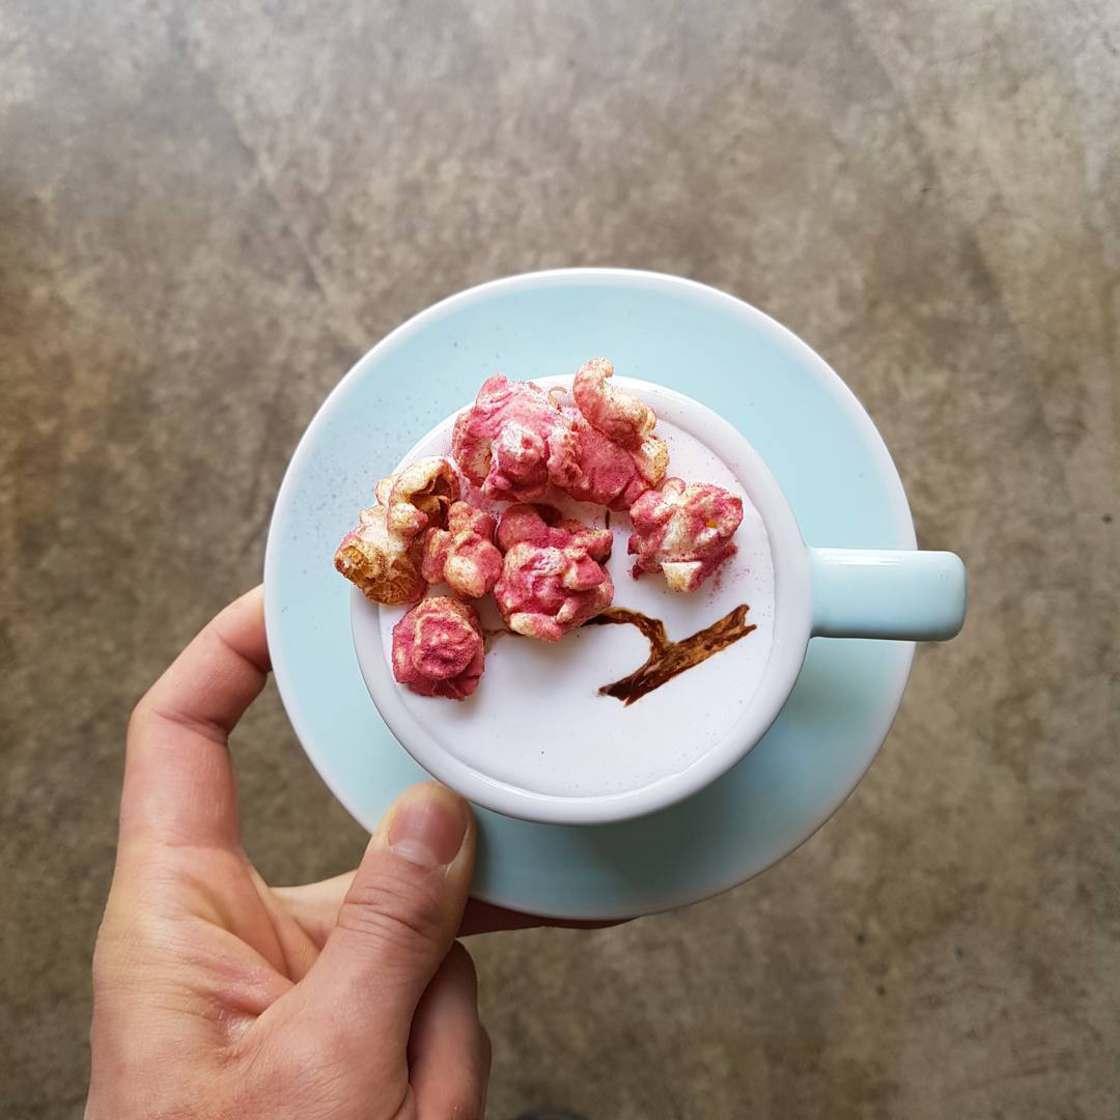 art-on-coffee-lee-kang-bin-9.jpg